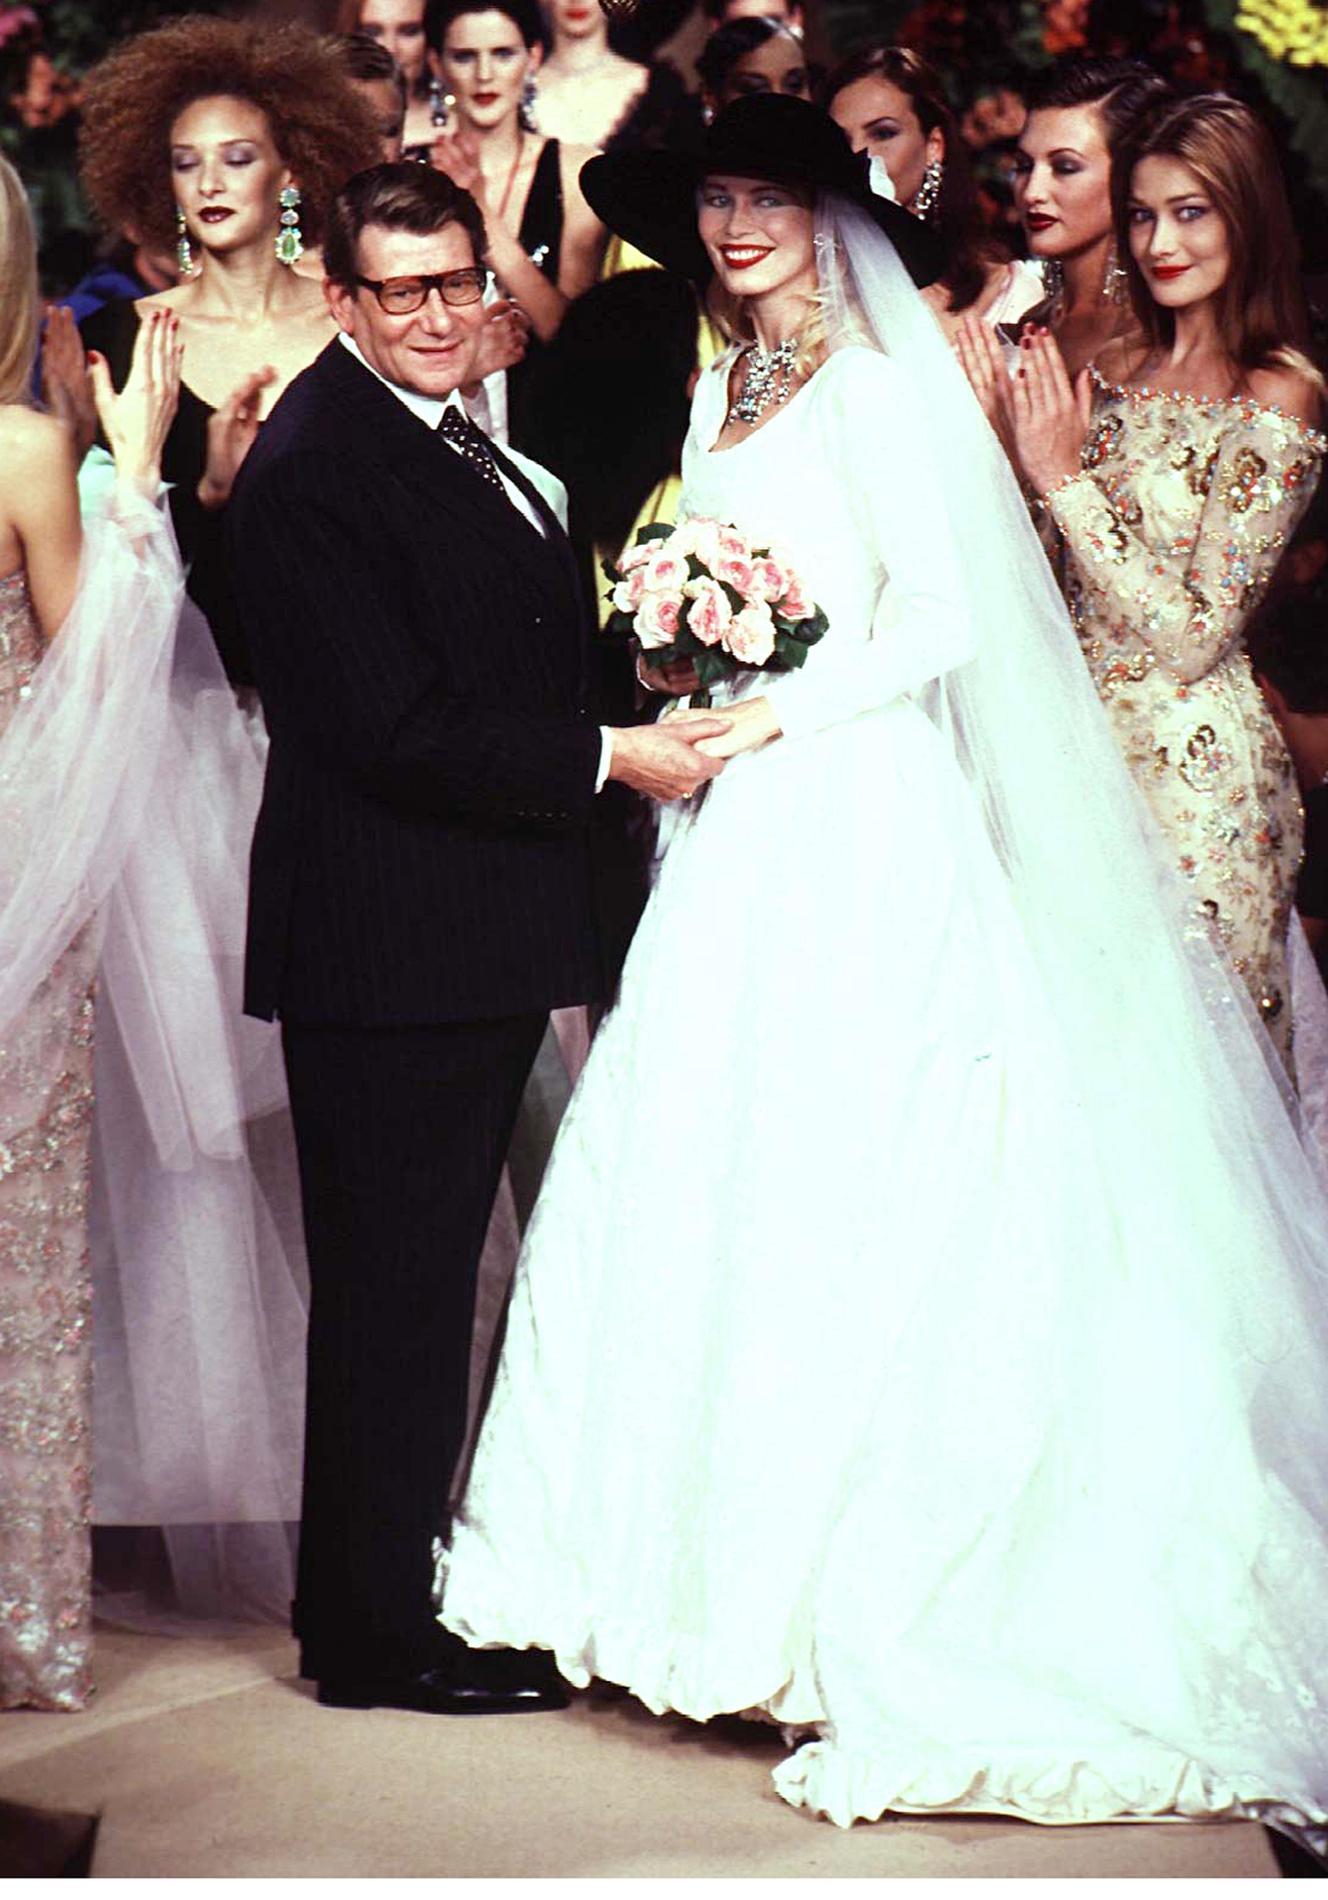 robes de mariée les plus mémorables de la haute couture , Chanel Les  robes de mariée les plus mémorables de la haute couture , Zuhair Murad Les  robes de